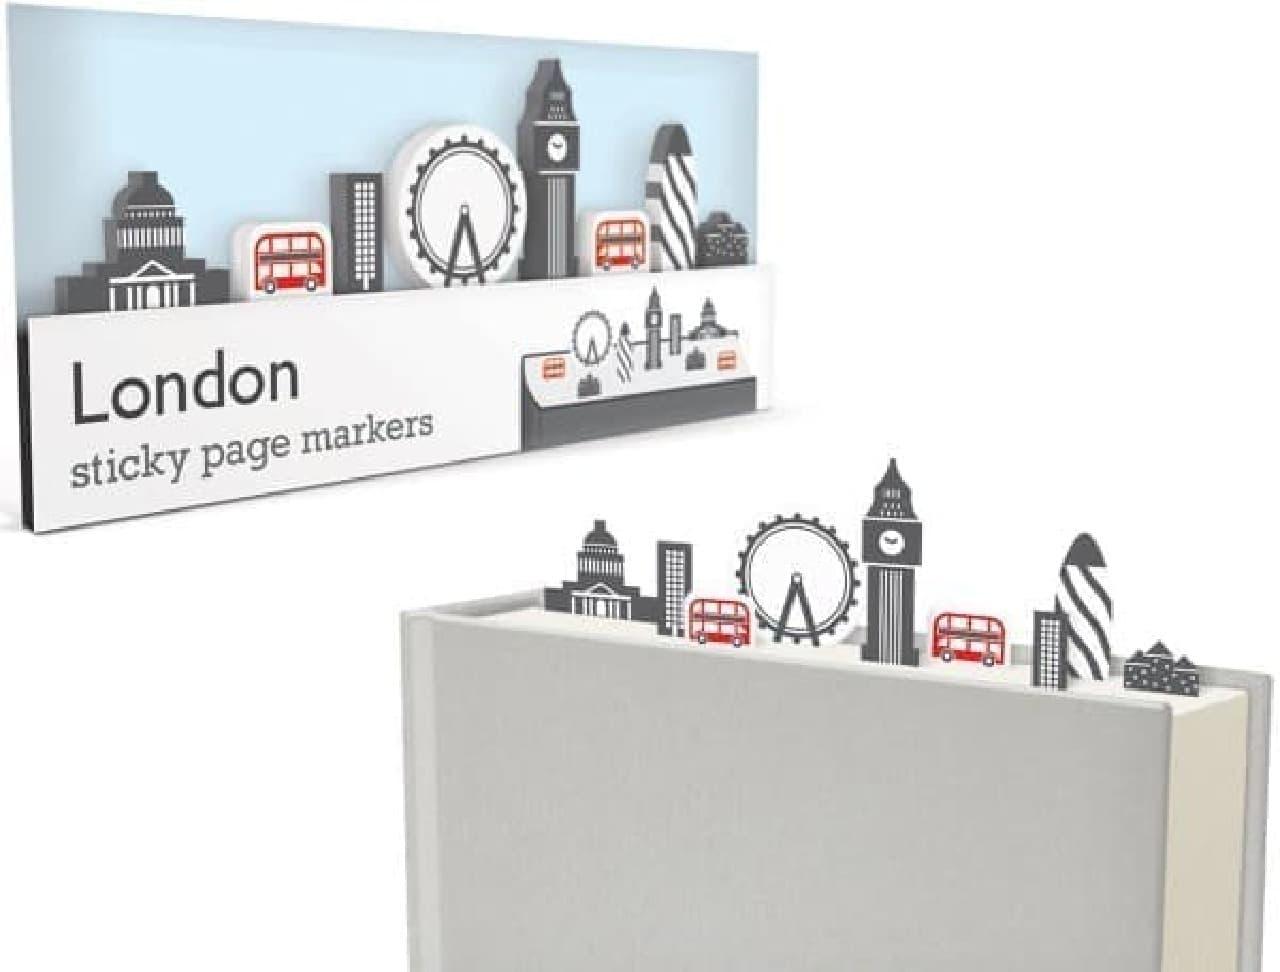 「ロンドン」パッケージには、ビッグベン、セント・ポール大聖堂などの栞が付属